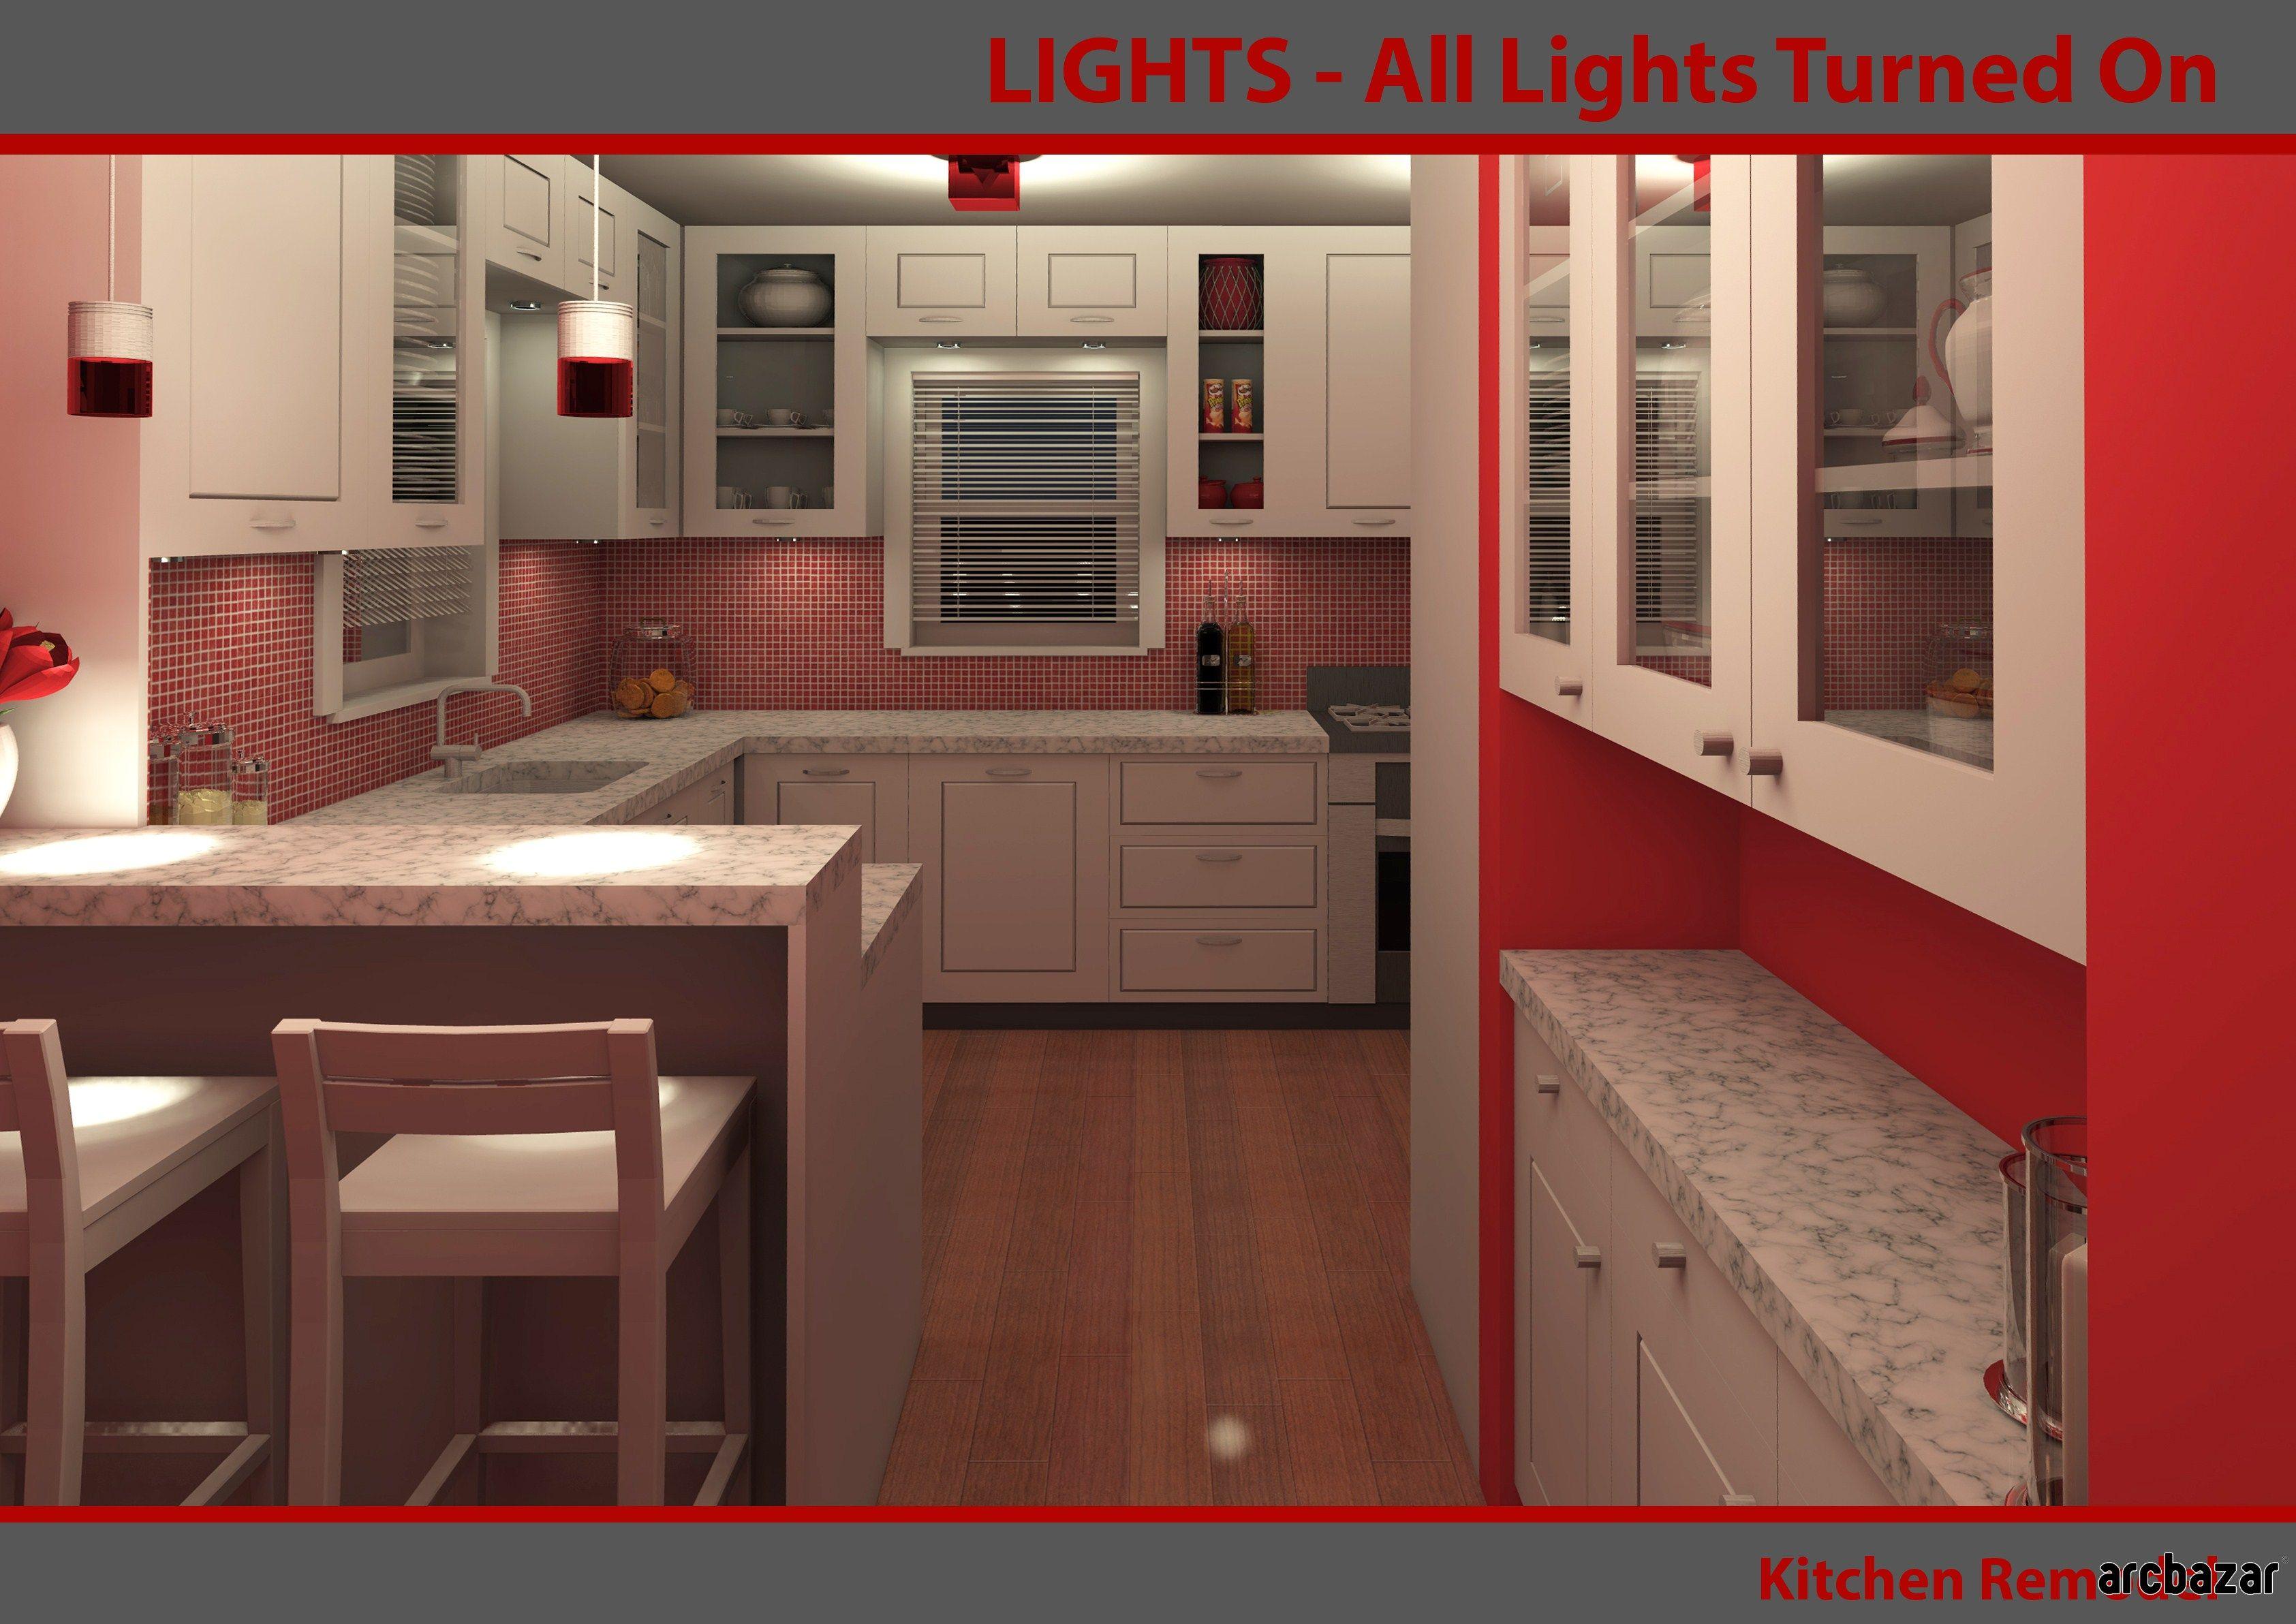 Kitchen Remodel Design By Miriam Gotti Architetto Via Arcbazar.com · Kansas  CityKitchen Remodeling